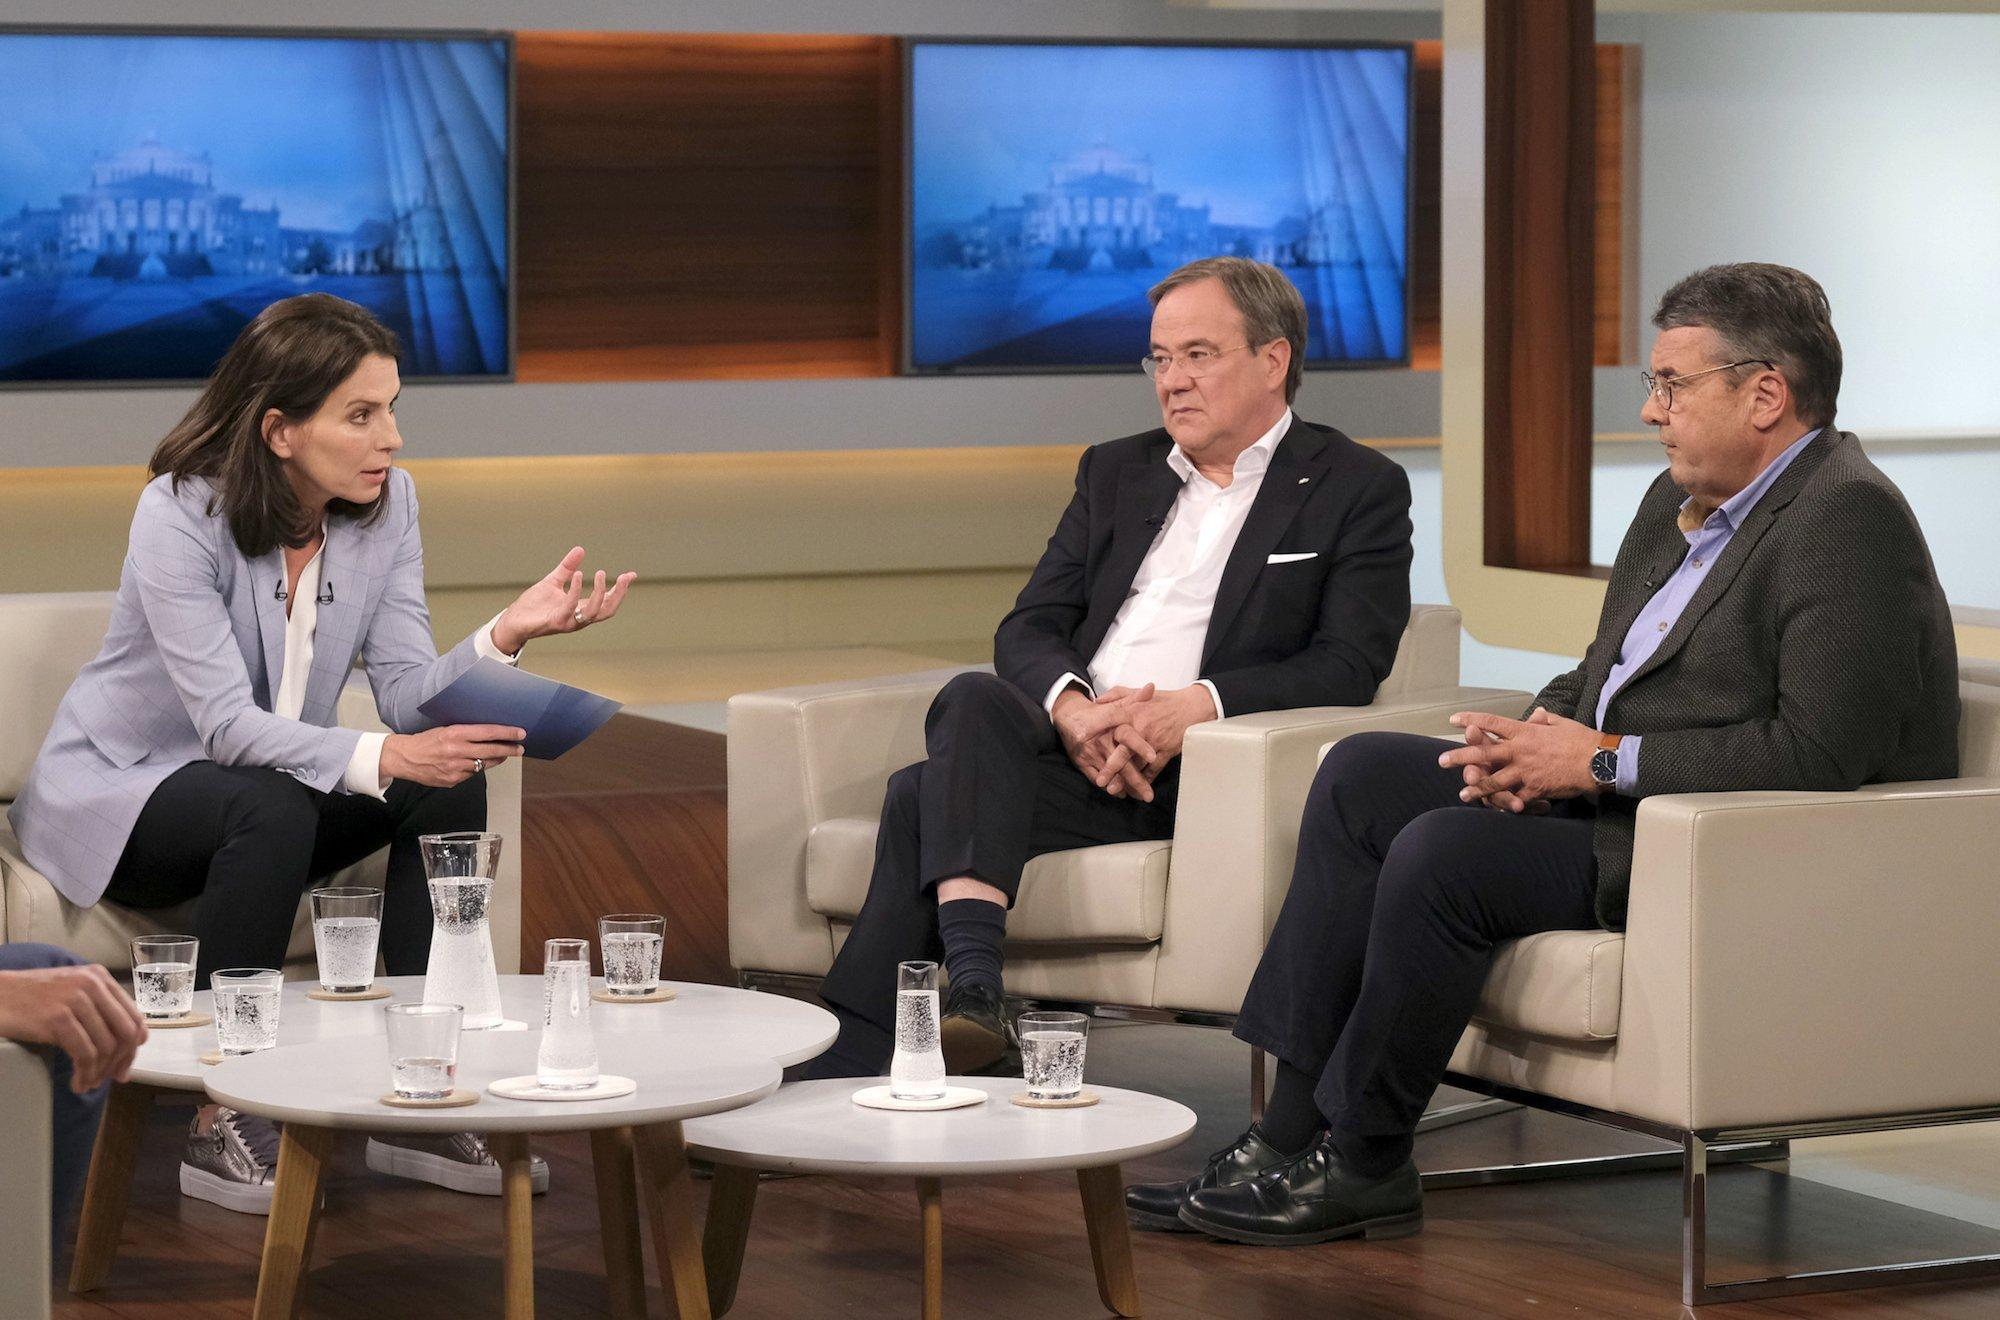 Drei Menschen in einem Talk-Show Studio. Links die Moderatorin Anne Will. In der Mitte sitzt Armin Laschet, rechts daneben Sigmar Gabriel.